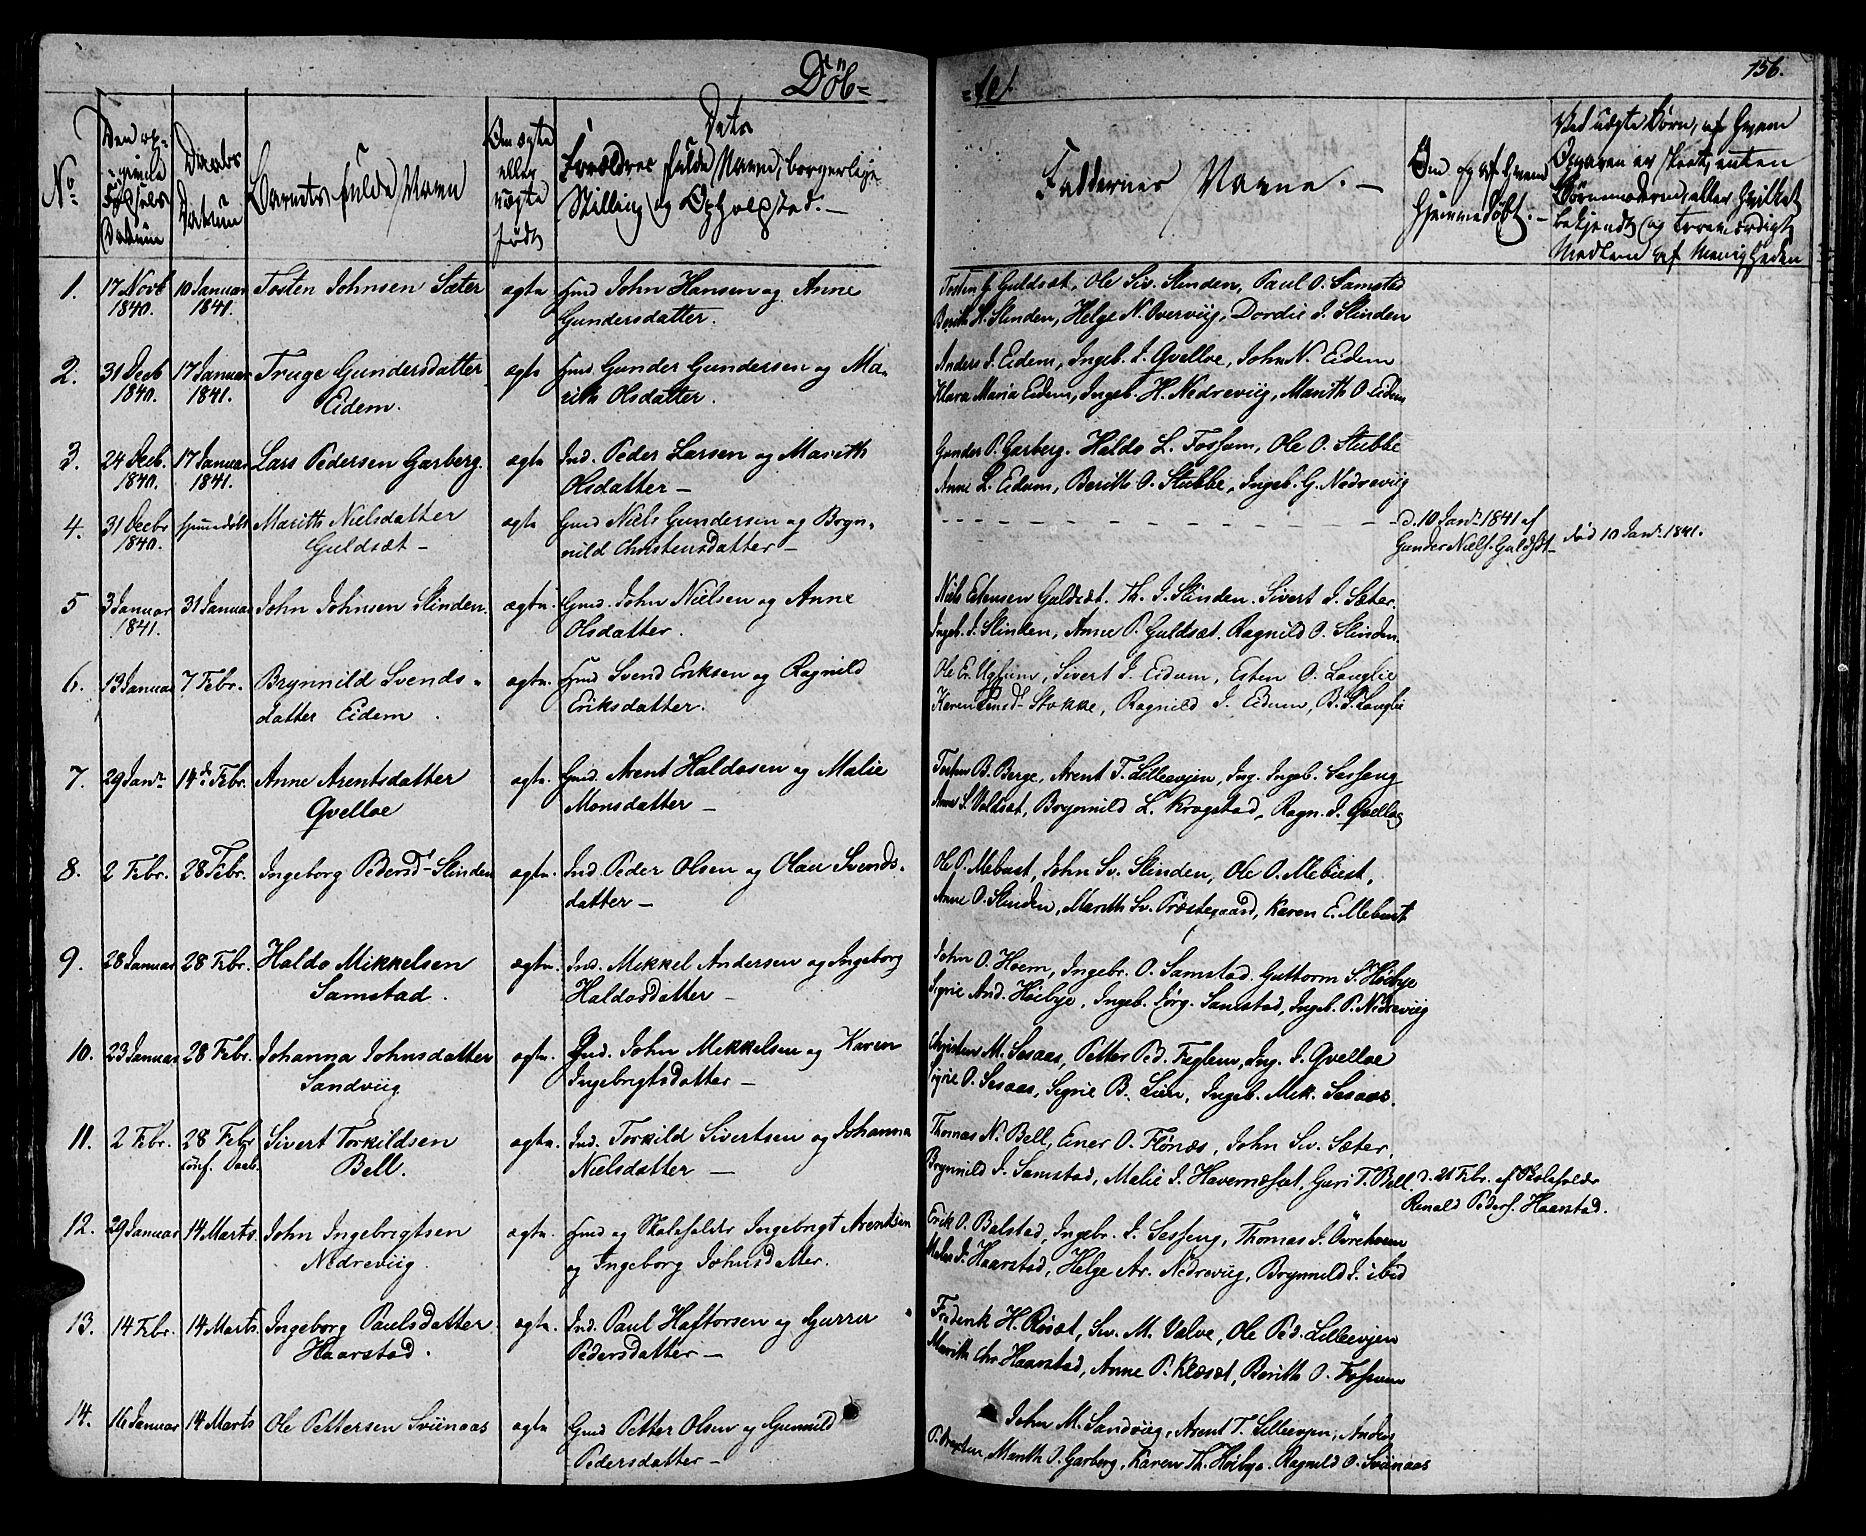 SAT, Ministerialprotokoller, klokkerbøker og fødselsregistre - Sør-Trøndelag, 695/L1143: Ministerialbok nr. 695A05 /1, 1824-1842, s. 156